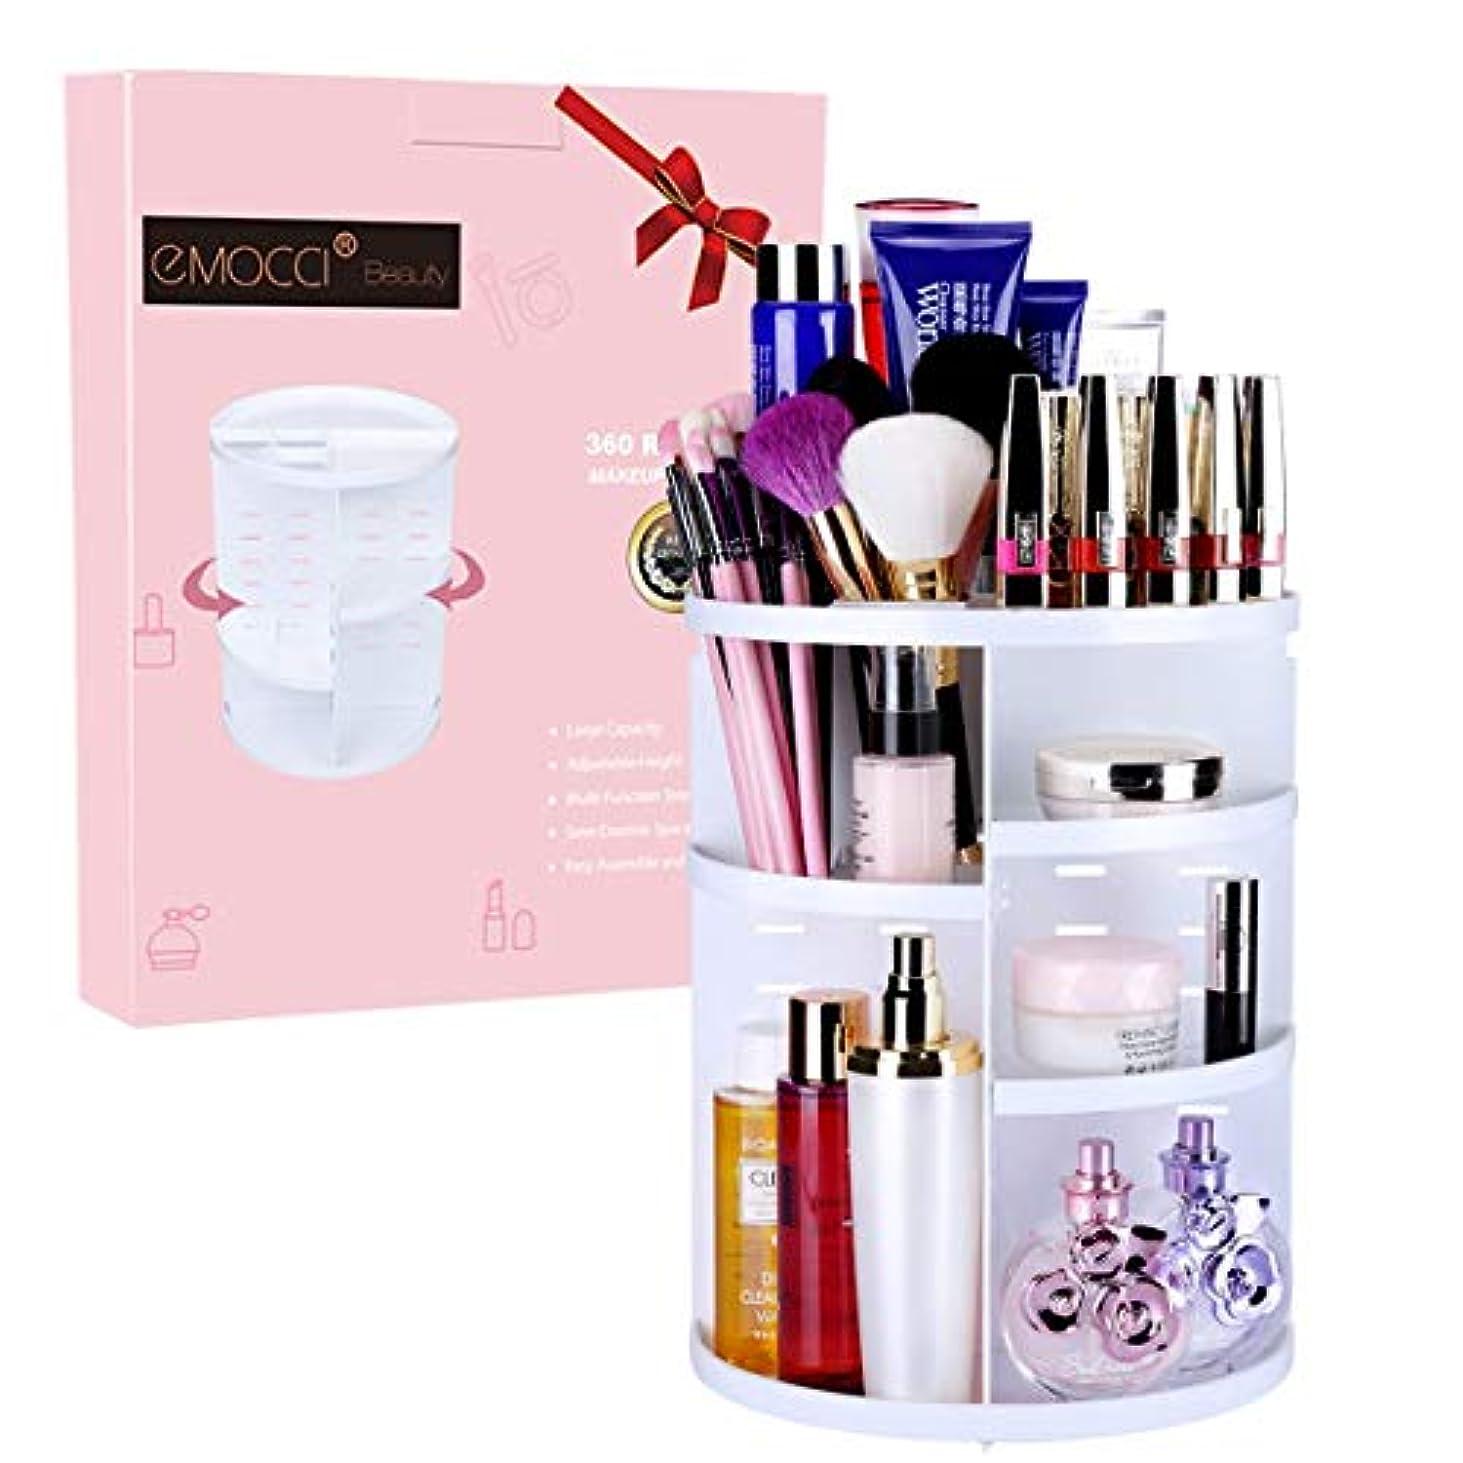 まだら単調なアクロバット化粧品 収納 EMOCCI コスメ ボックス メイクケース メイク収納ボックス 360度回転式 大容量 可調節 水洗い タワー型 (ホワイト)